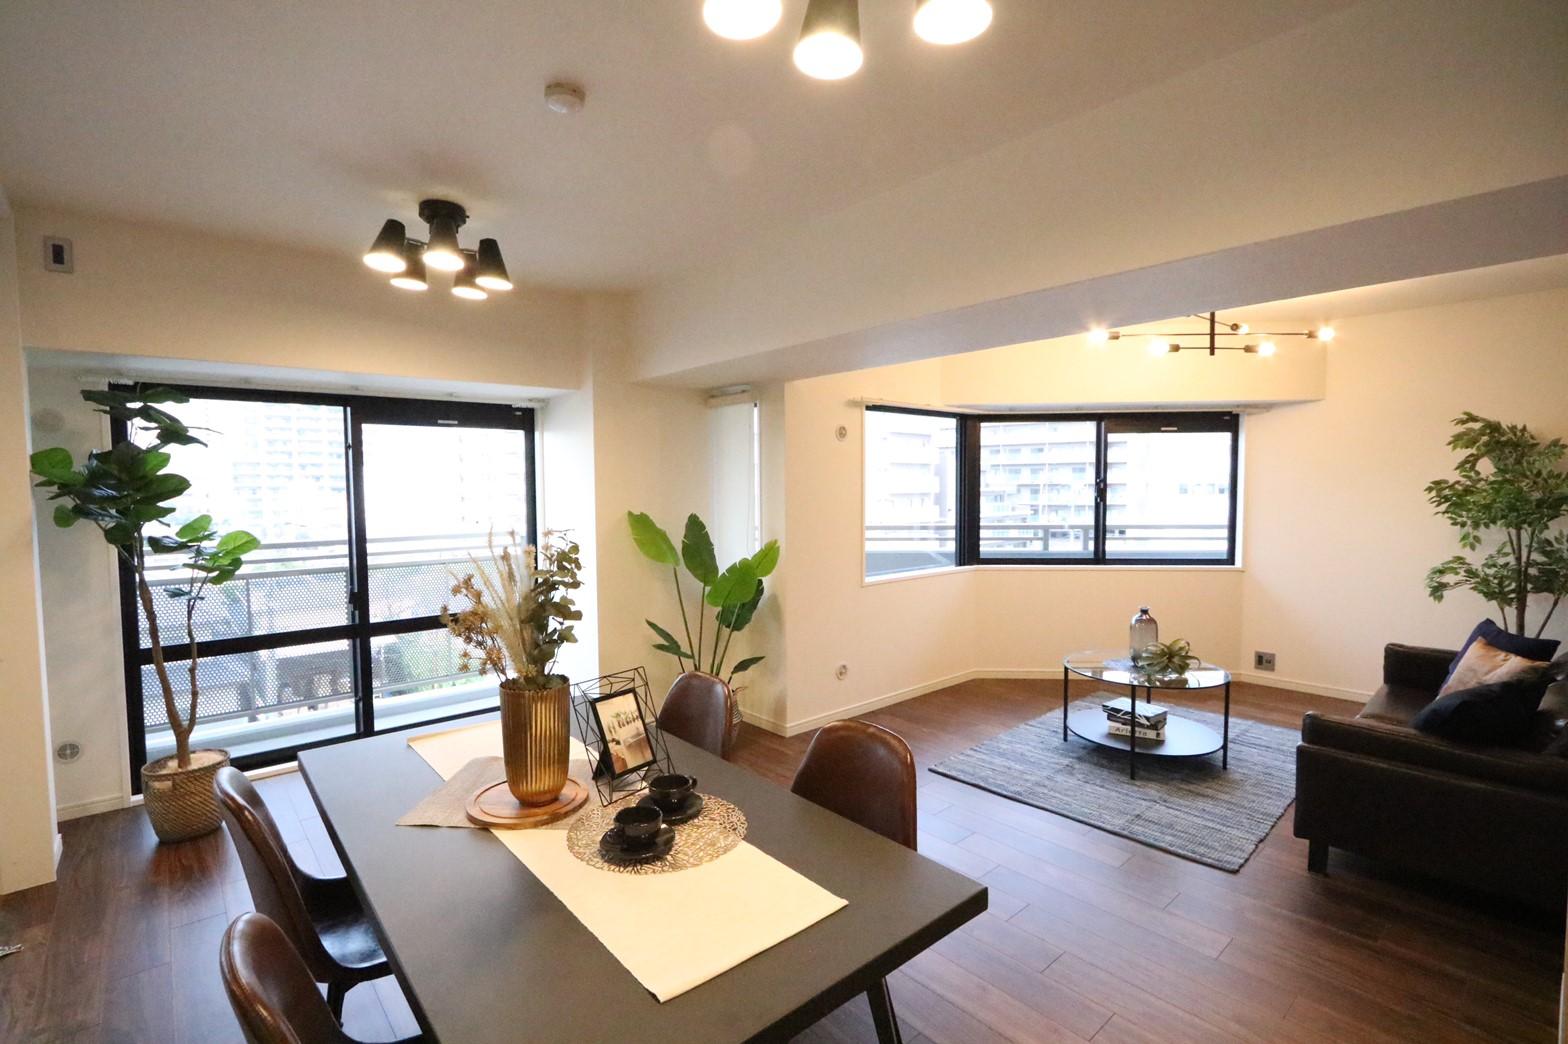 全居室バルコニーに面する住戸×モダンとヴィンテージのミックススタイル